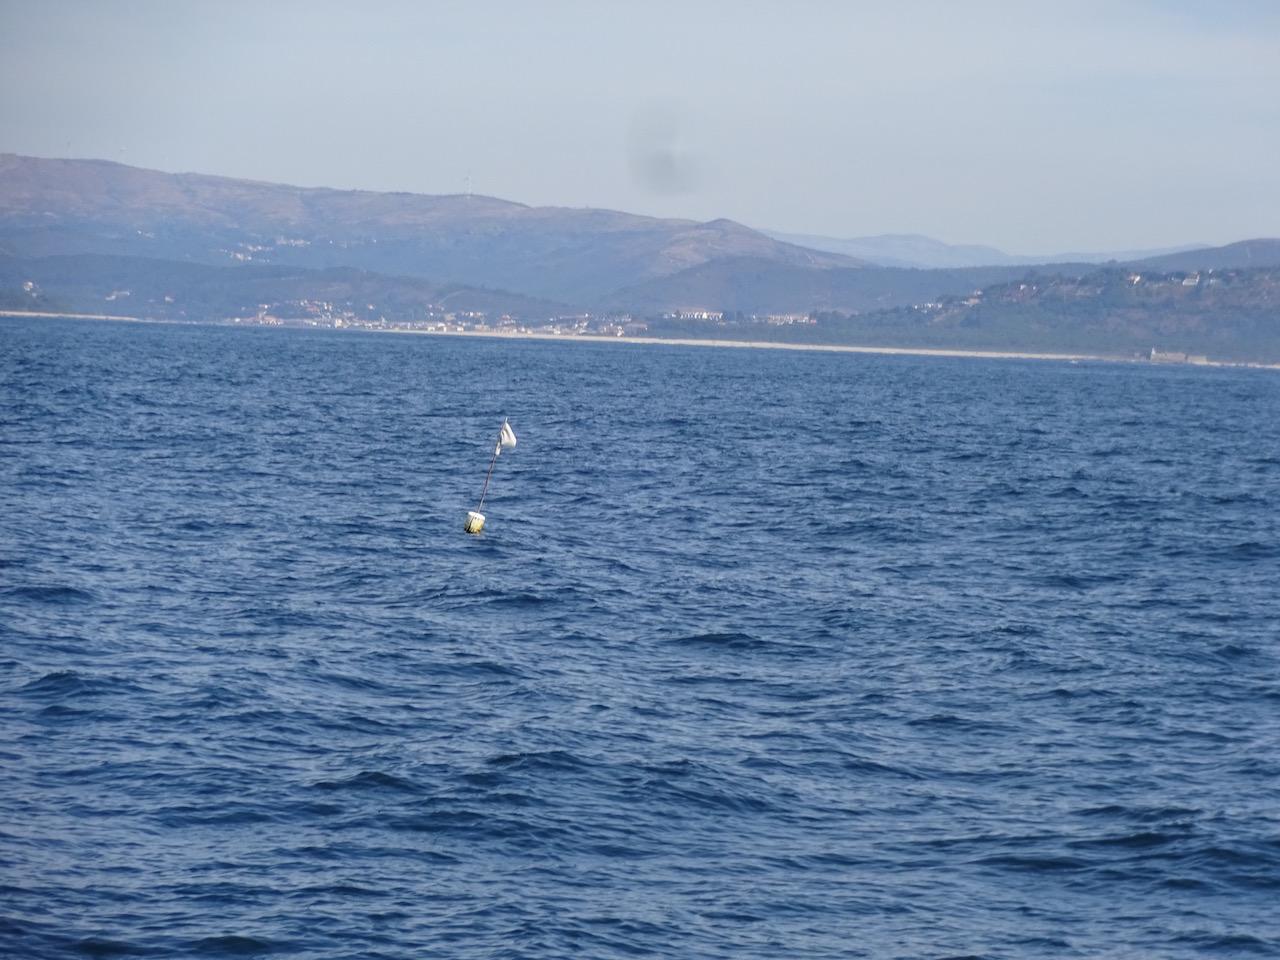 auf diese kleinen Fischerfähnchen müssen wir in Portugal ganz besonders achten - es gibt hunderte :-(